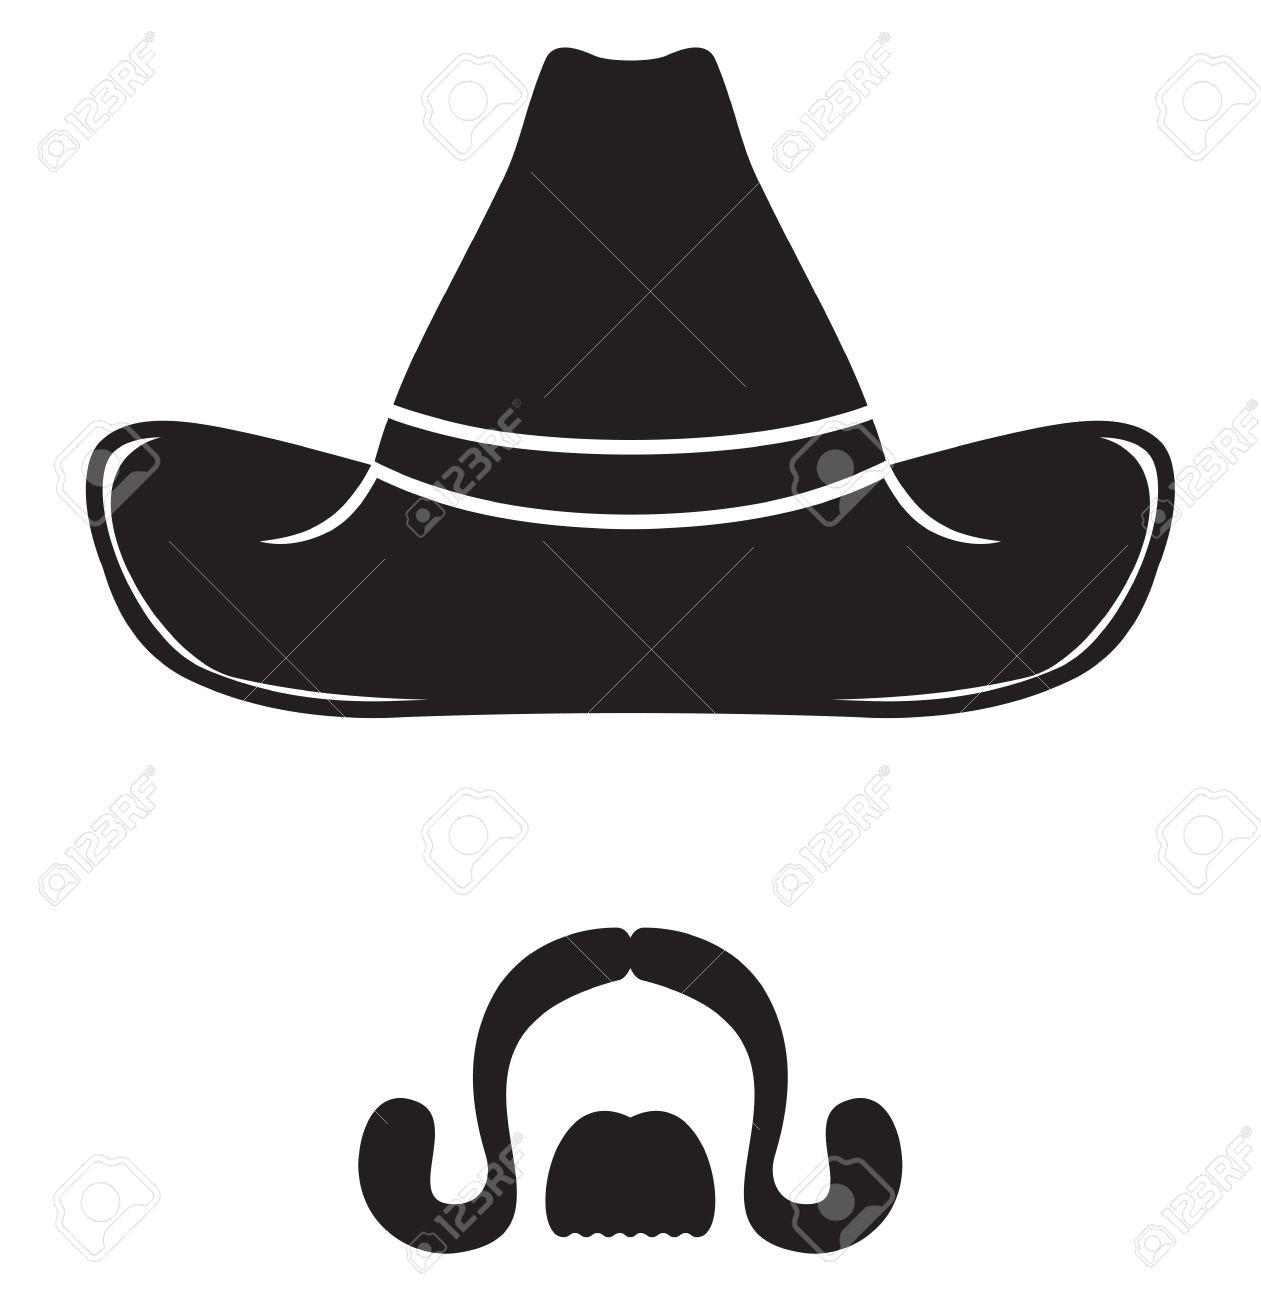 Sombreros vaqueros vectorizados jpg 1261x1300 Sombreros rancheros 39f4d8aad41